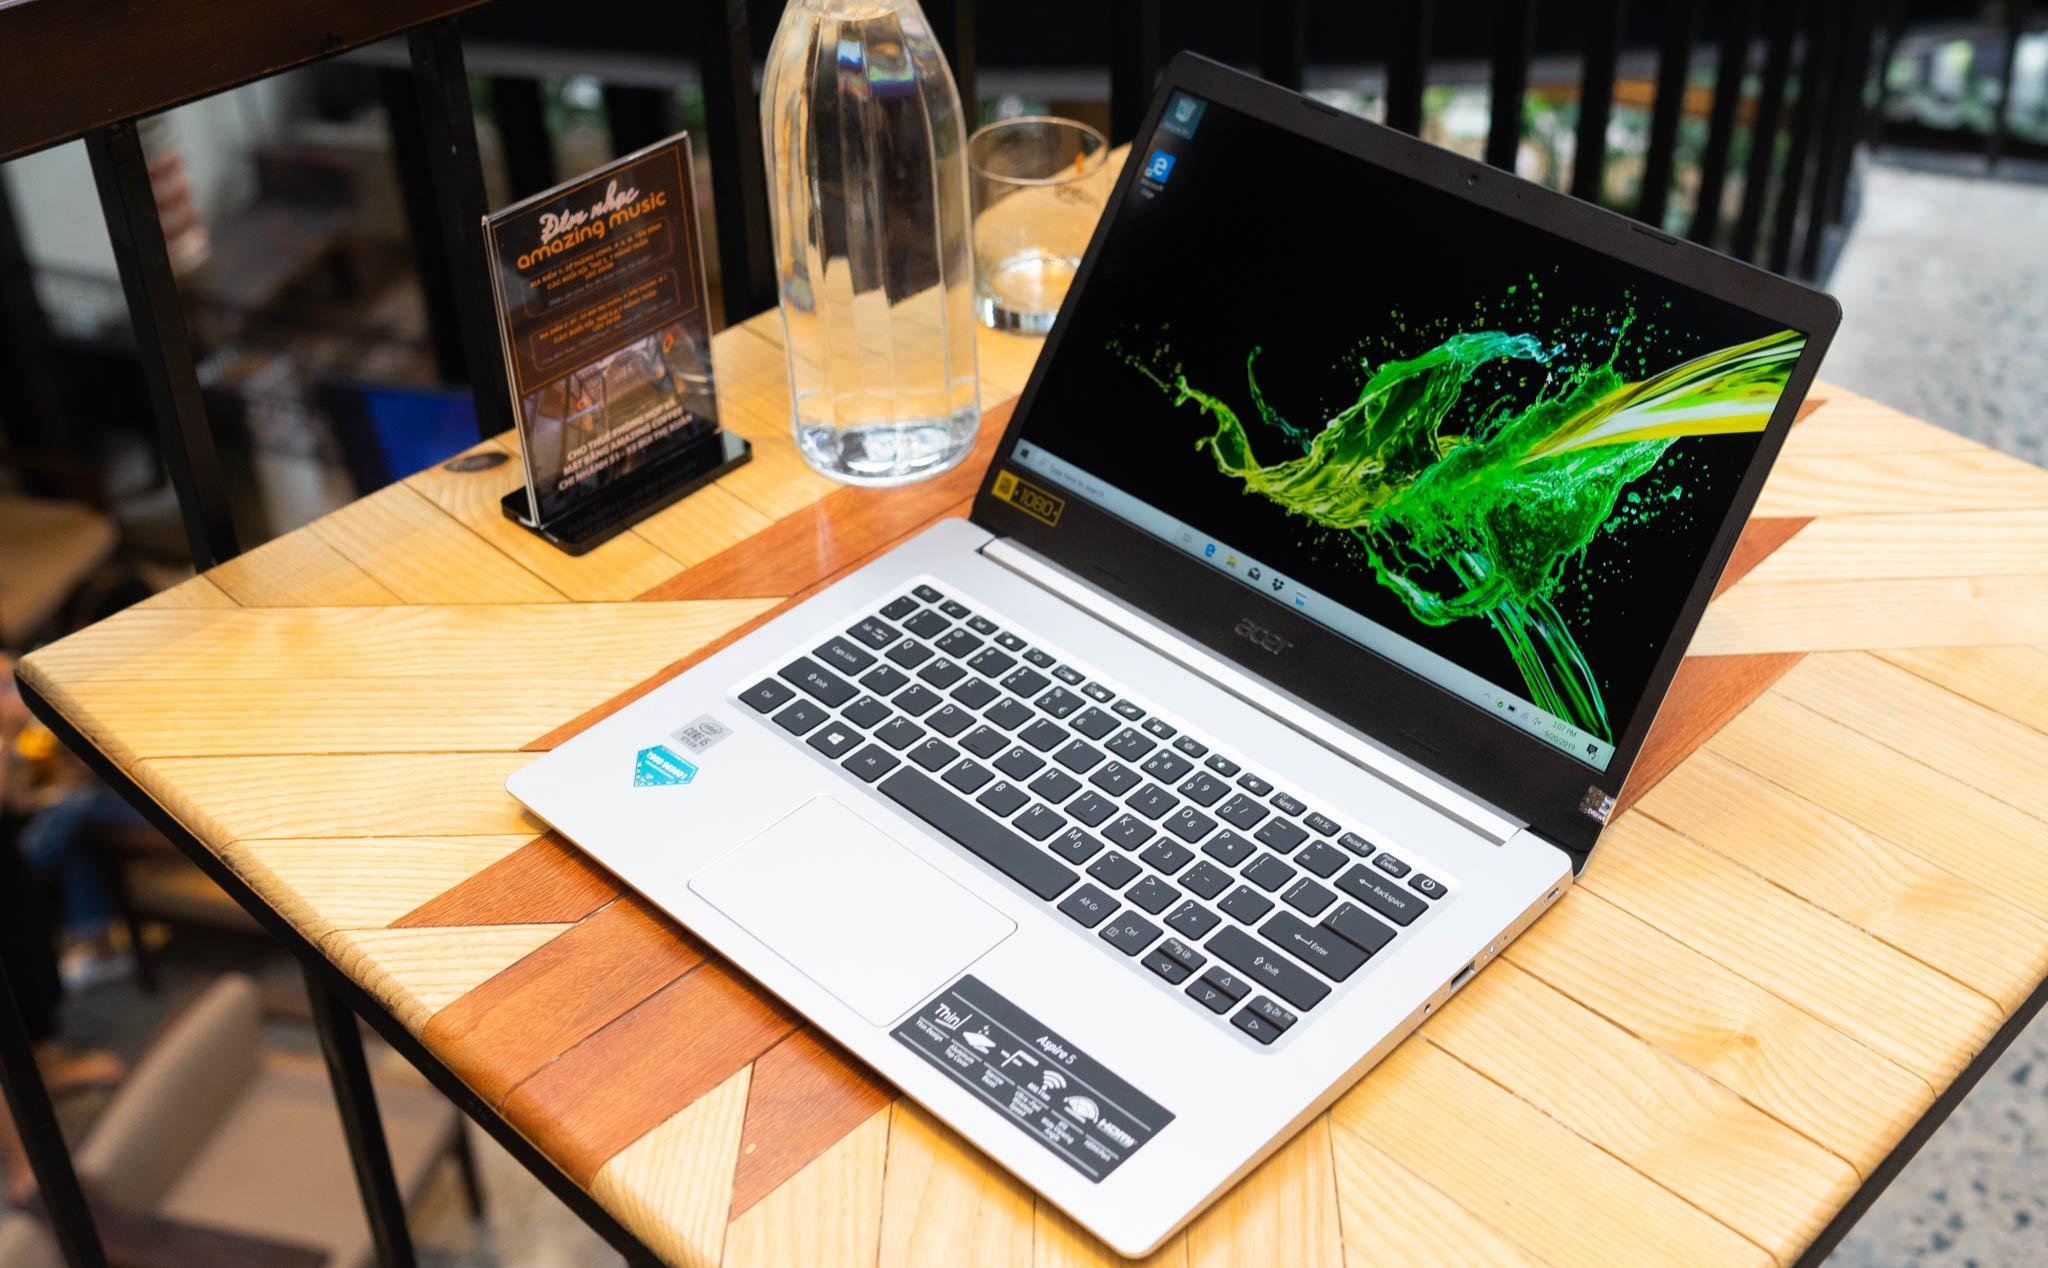 Acer Aspire 5 là laptop trang bị Intel Core i thế hệ 10 đầu tiên bán tại  Việt Nam, từ 11,99 triệu   Tinh tế